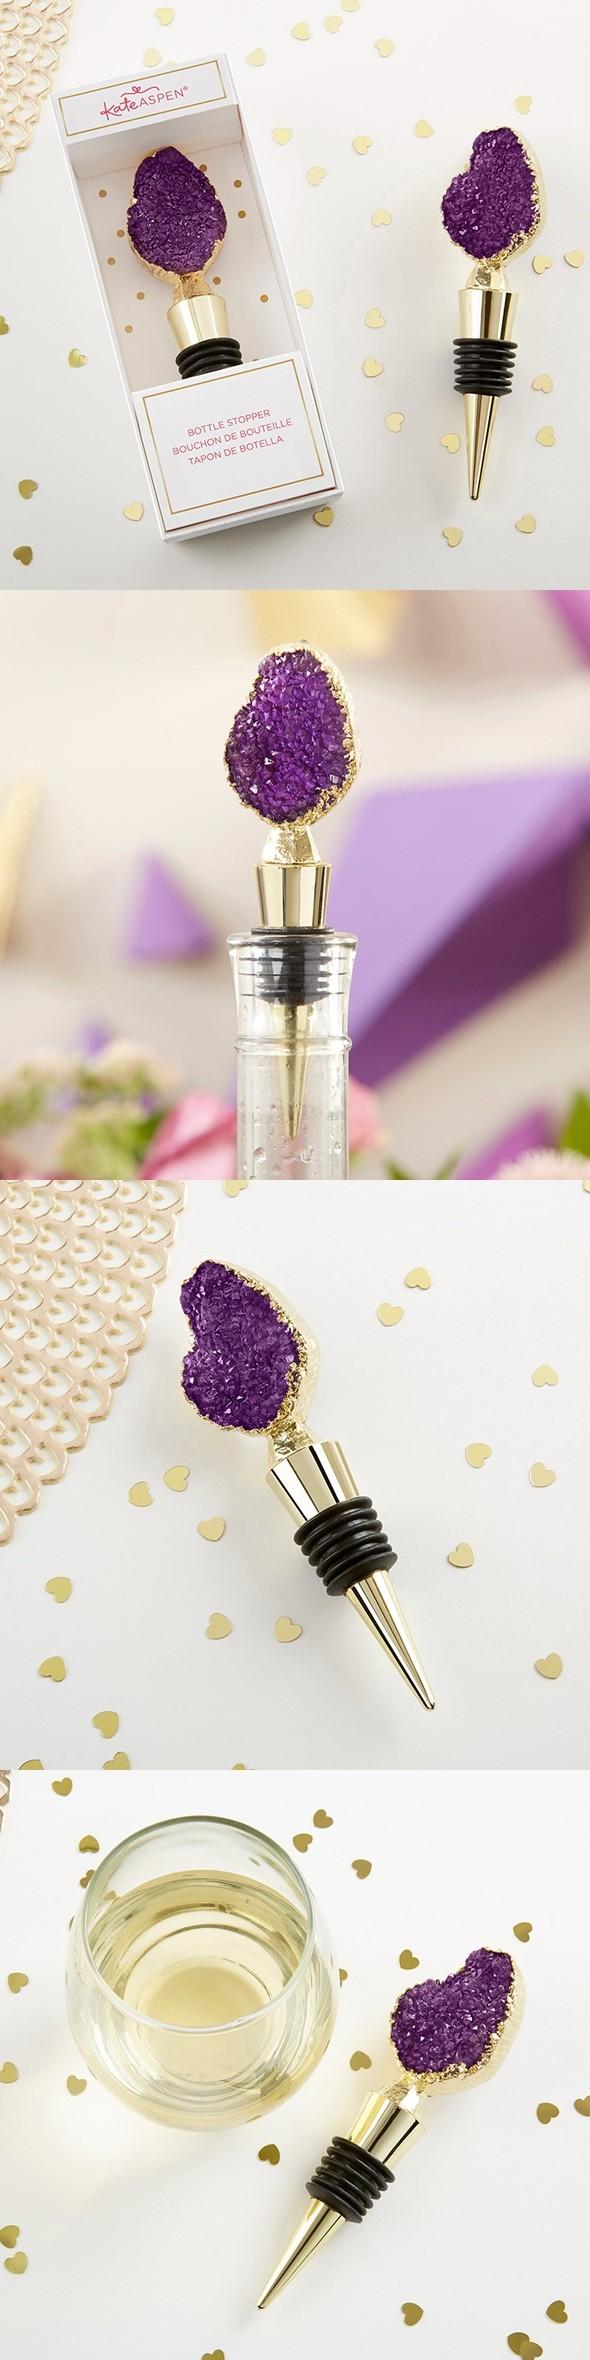 Kate Aspen Purple Druzy Geode-Topped Gold-Metal Bottle Stopper